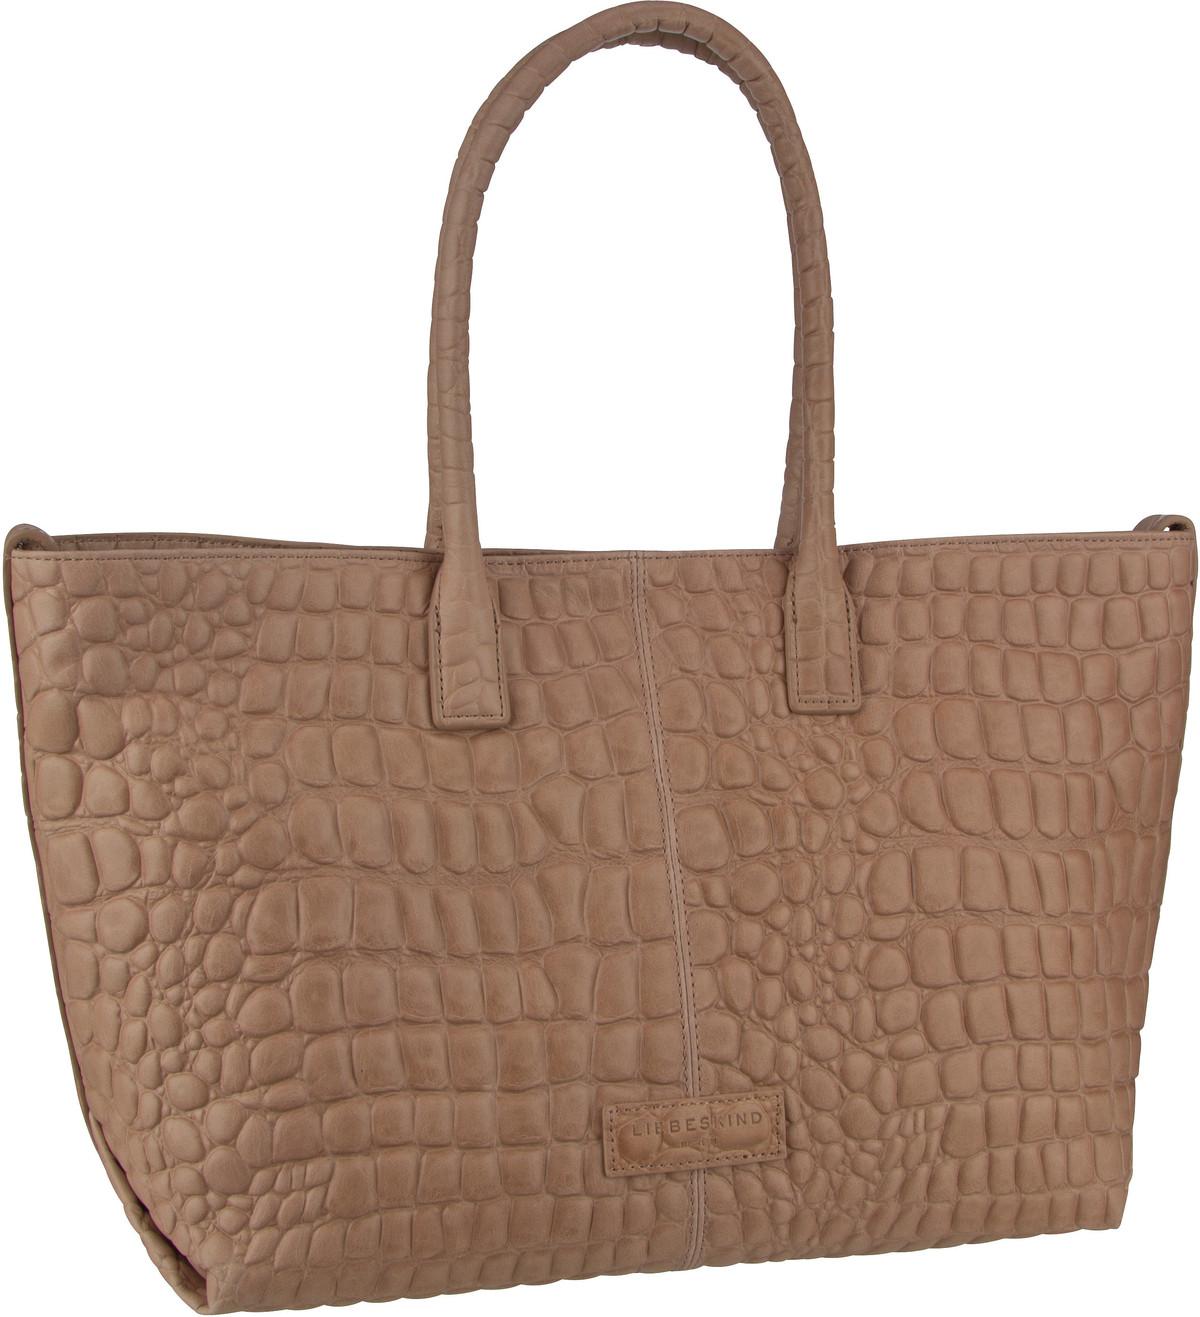 Berlin Handtasche Malibu L.A. Shopper M Dusty Rose